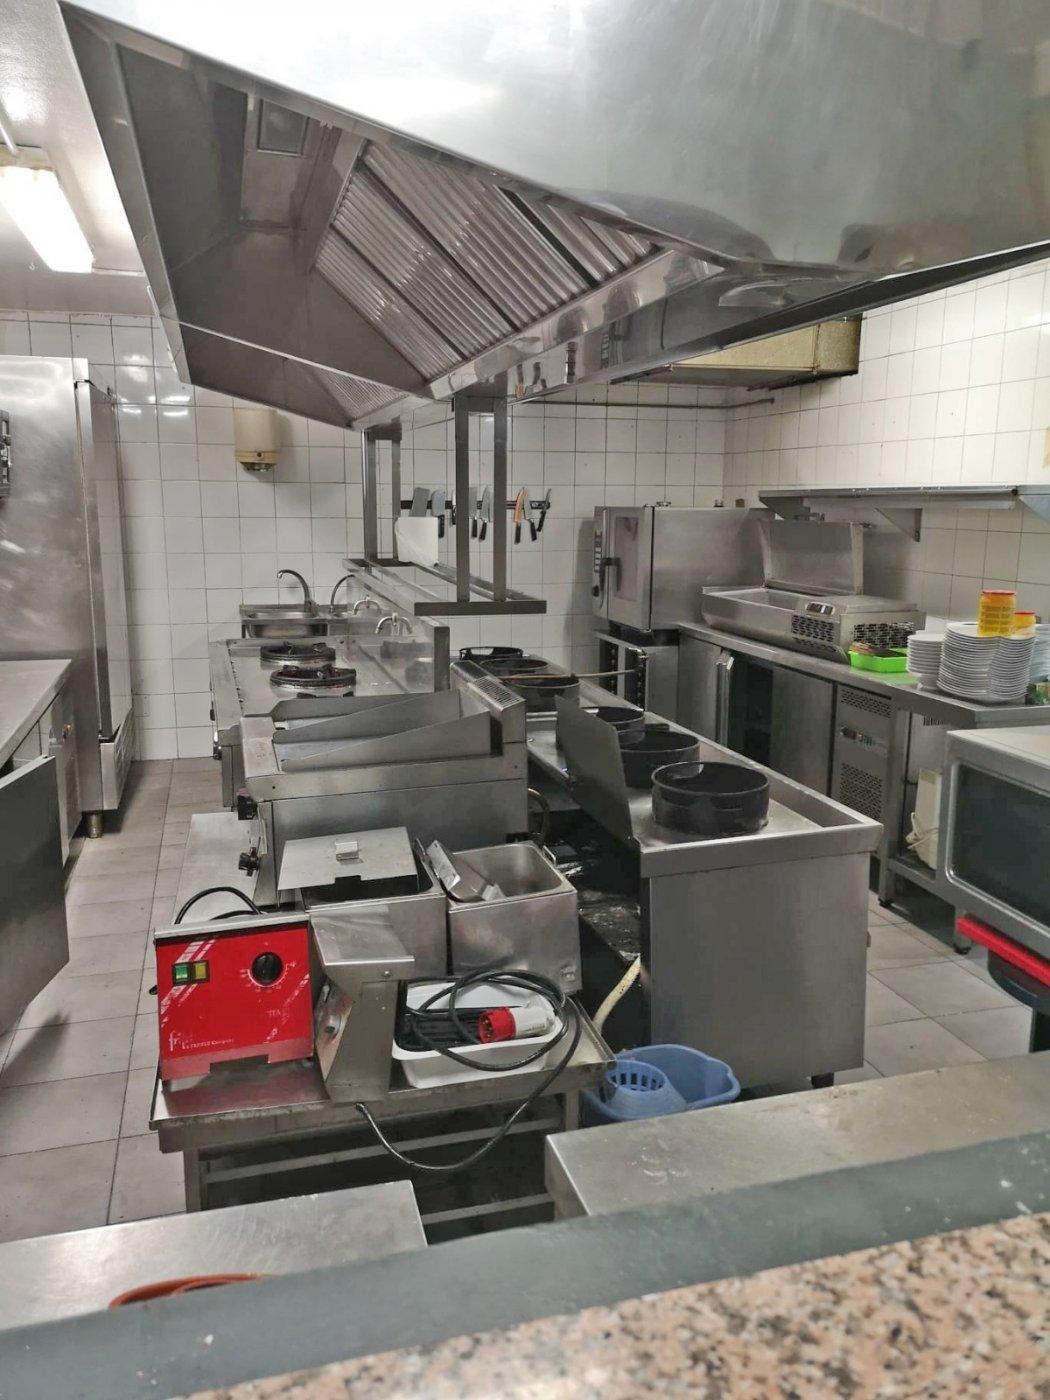 Venta de restaurante en cala d or - imagenInmueble3